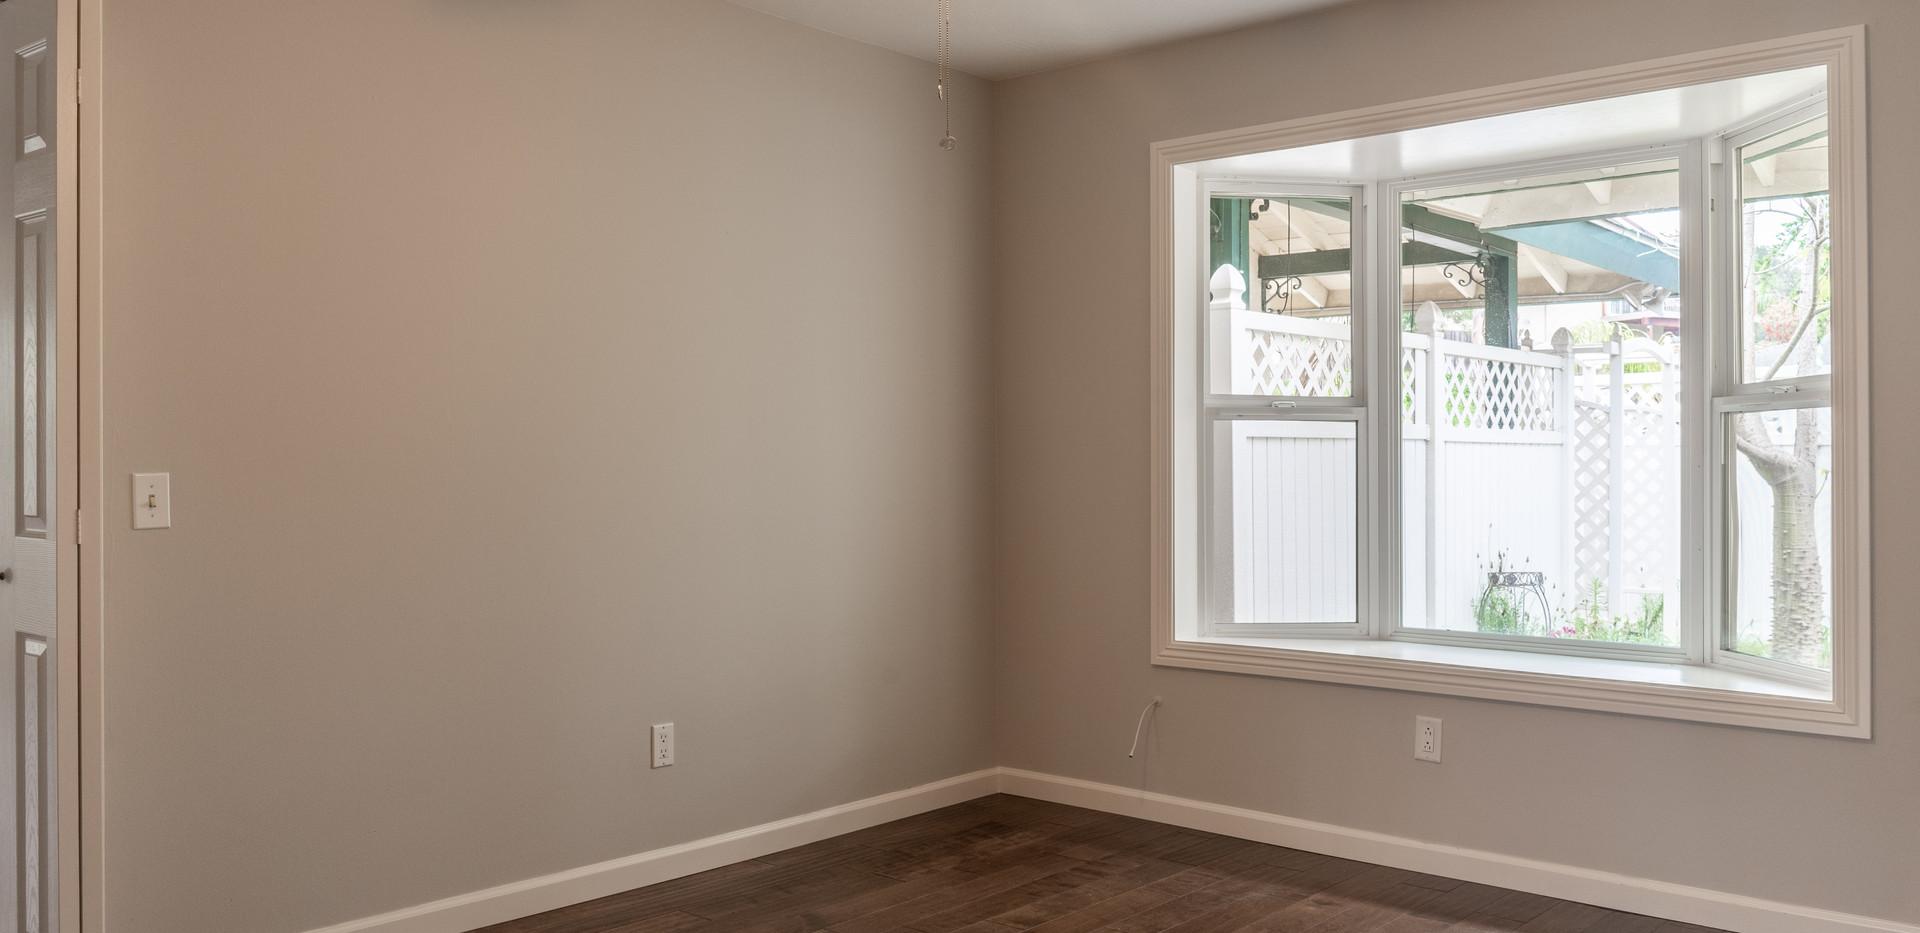 Bedroom 1/Den